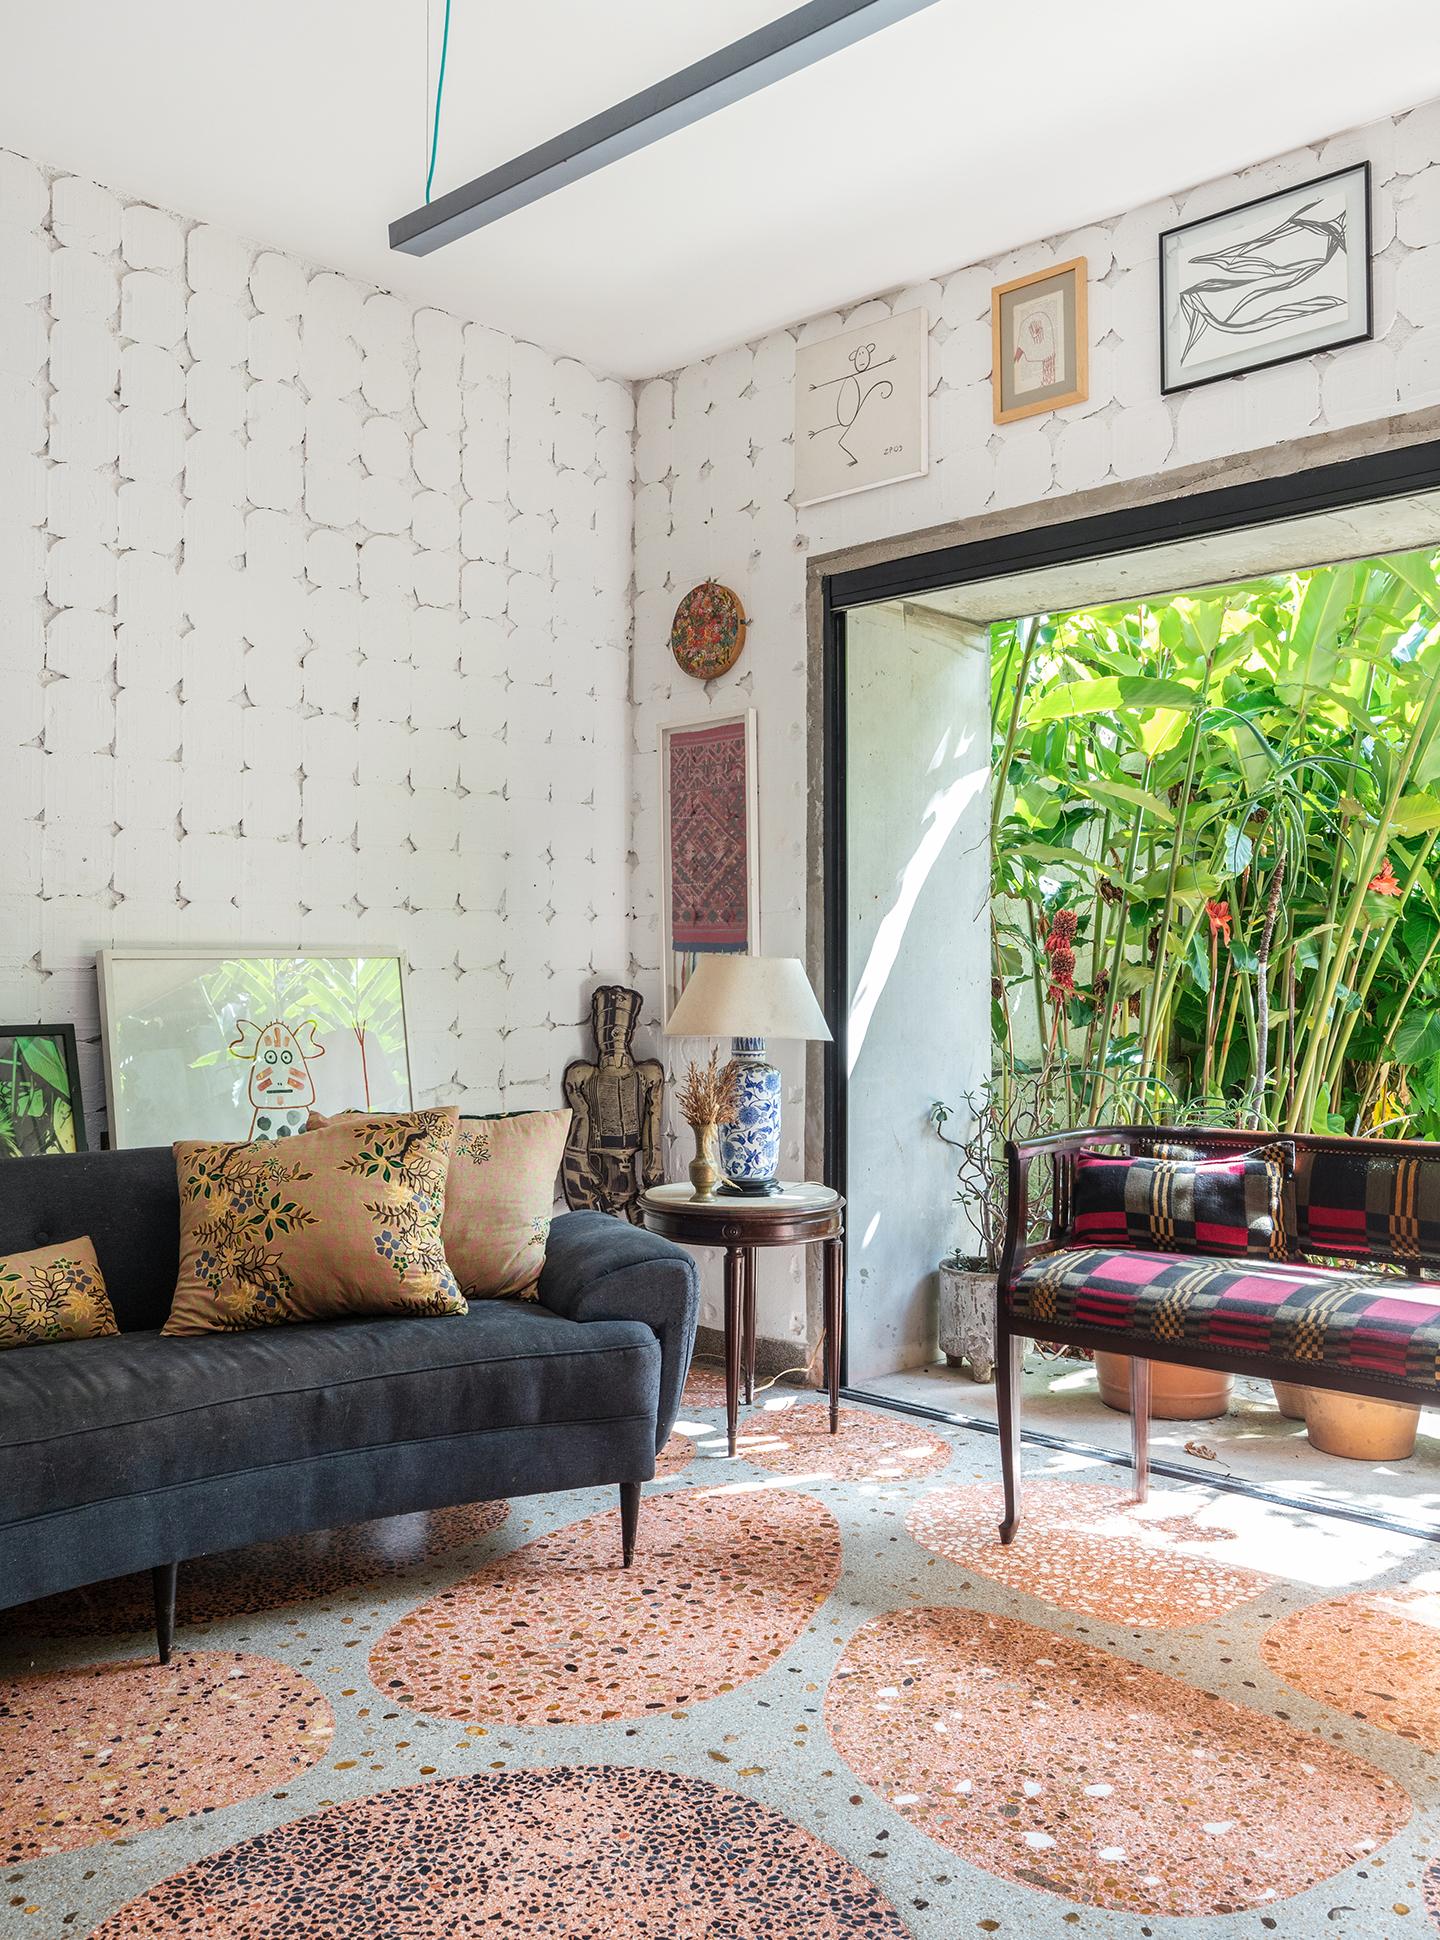 Casa com jardim, arquitetura e reforma com alma, piso de granilite